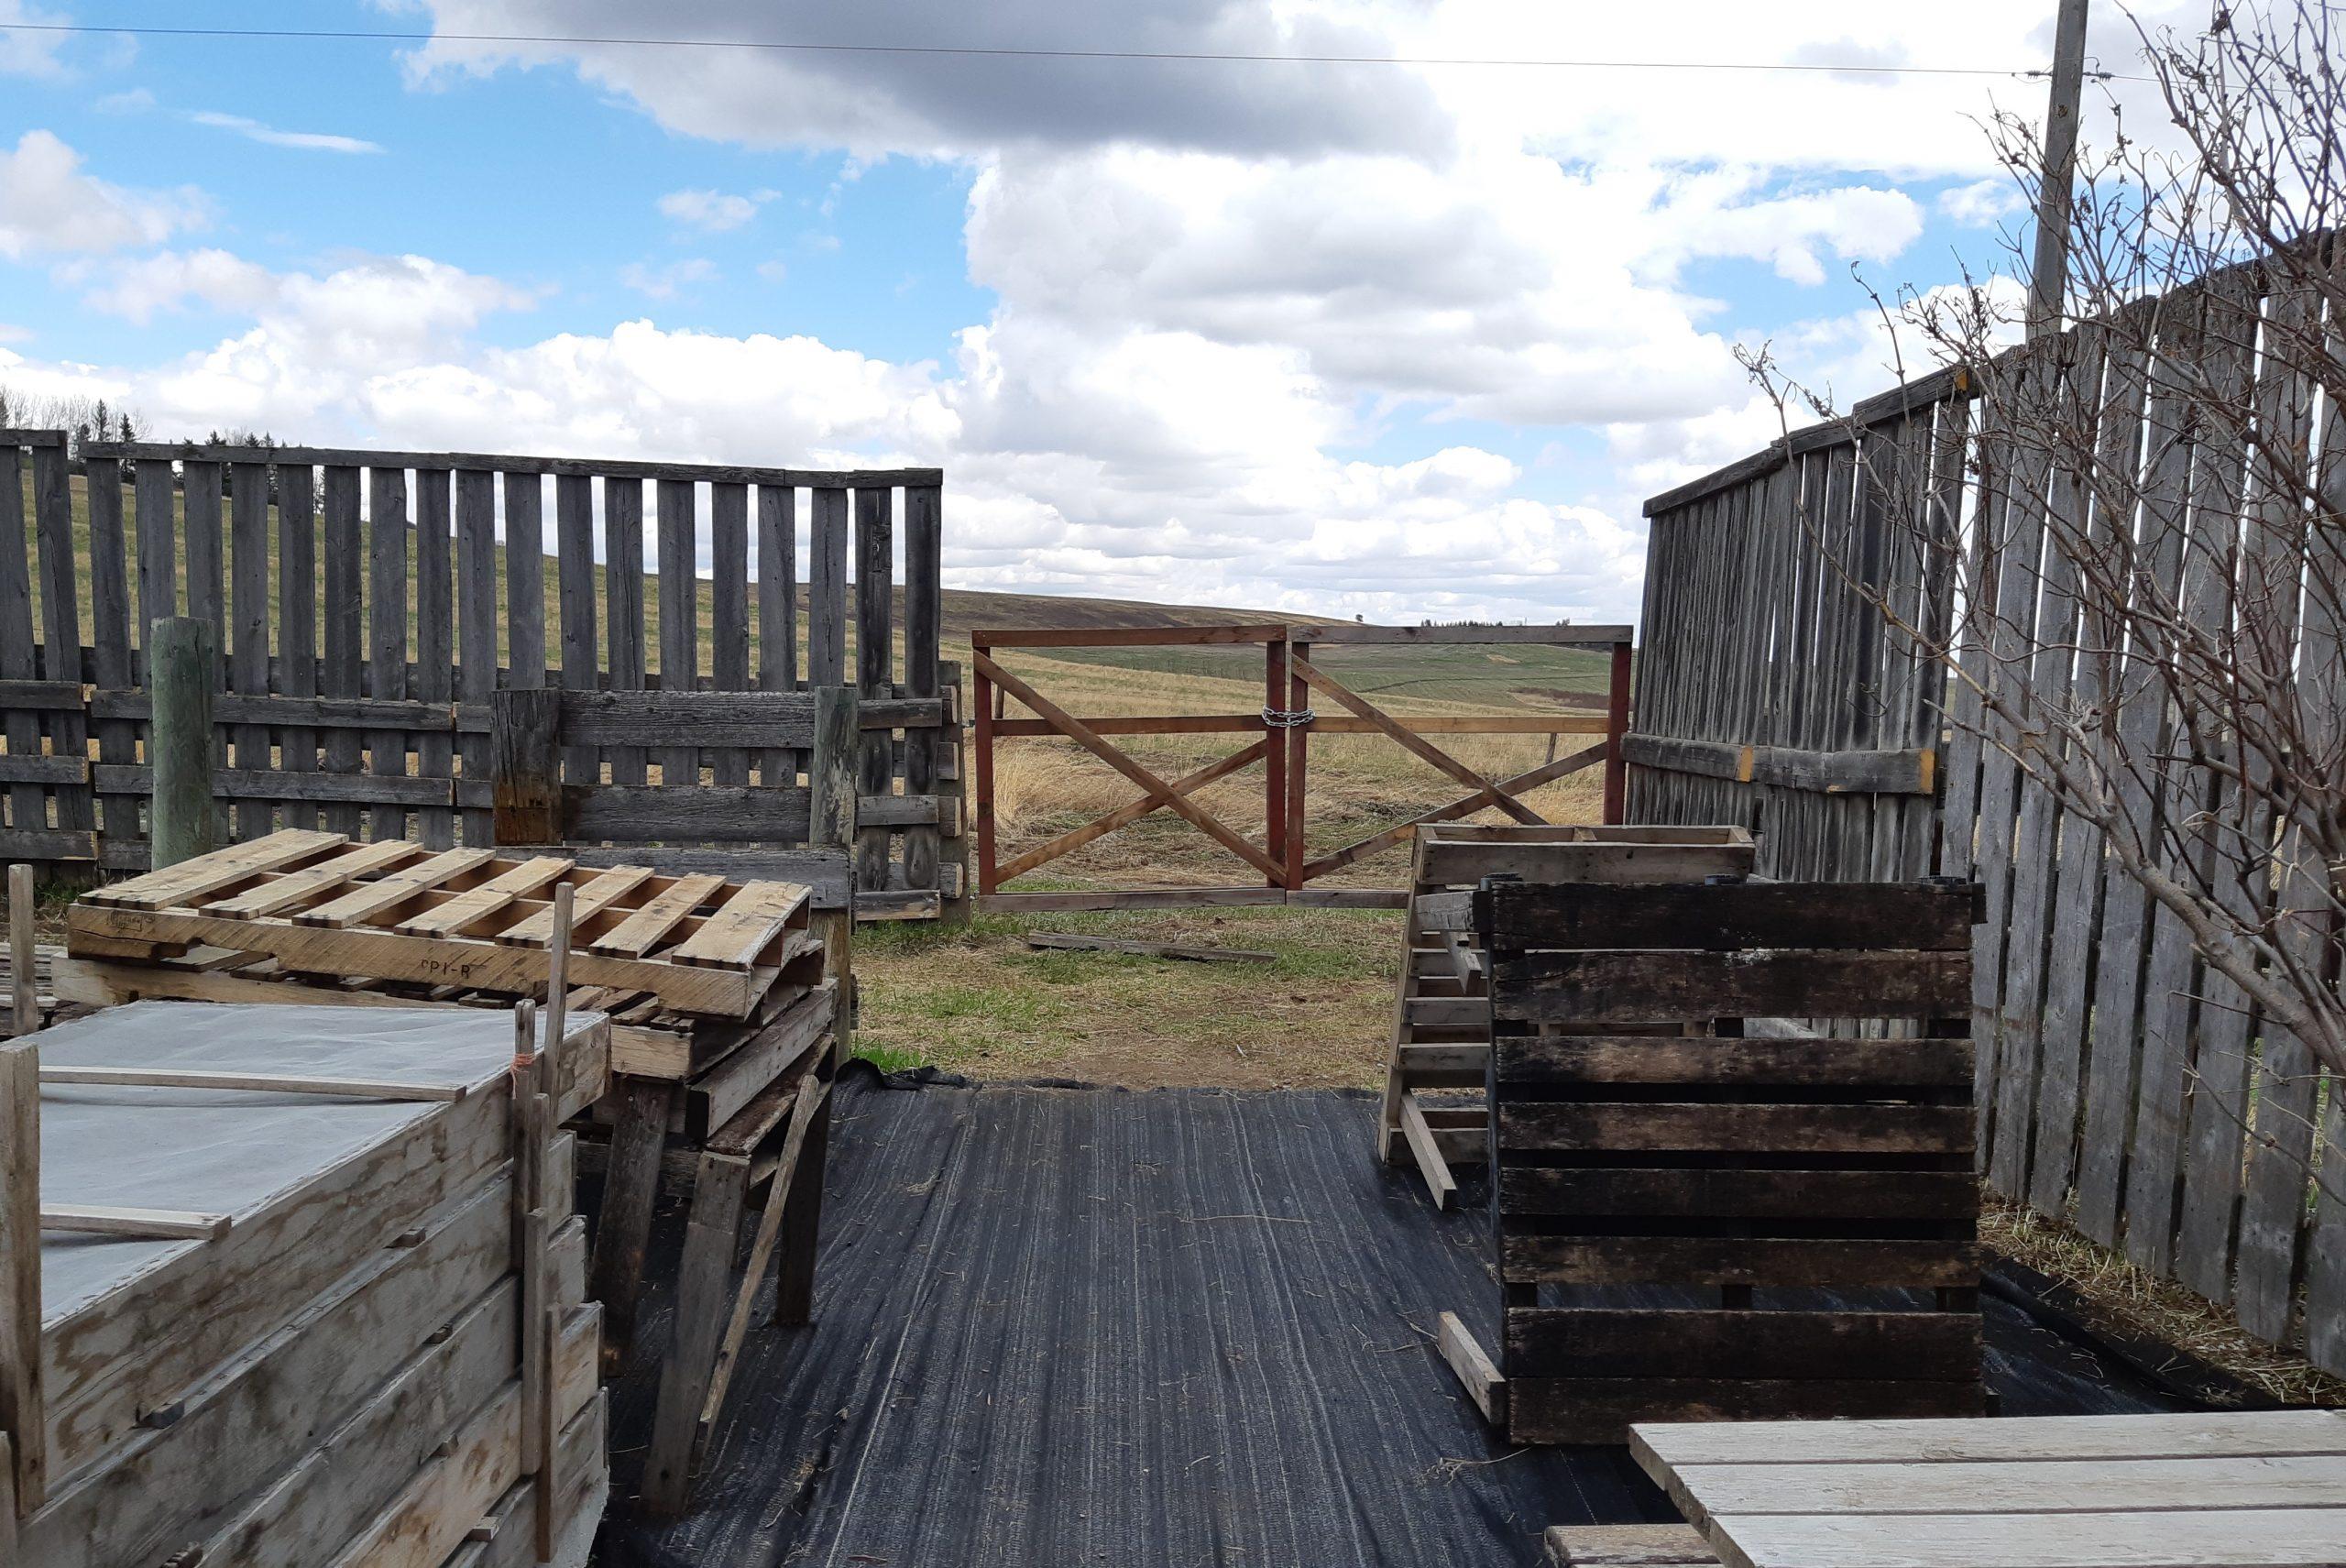 Bearspaw Nursery Fencing Update